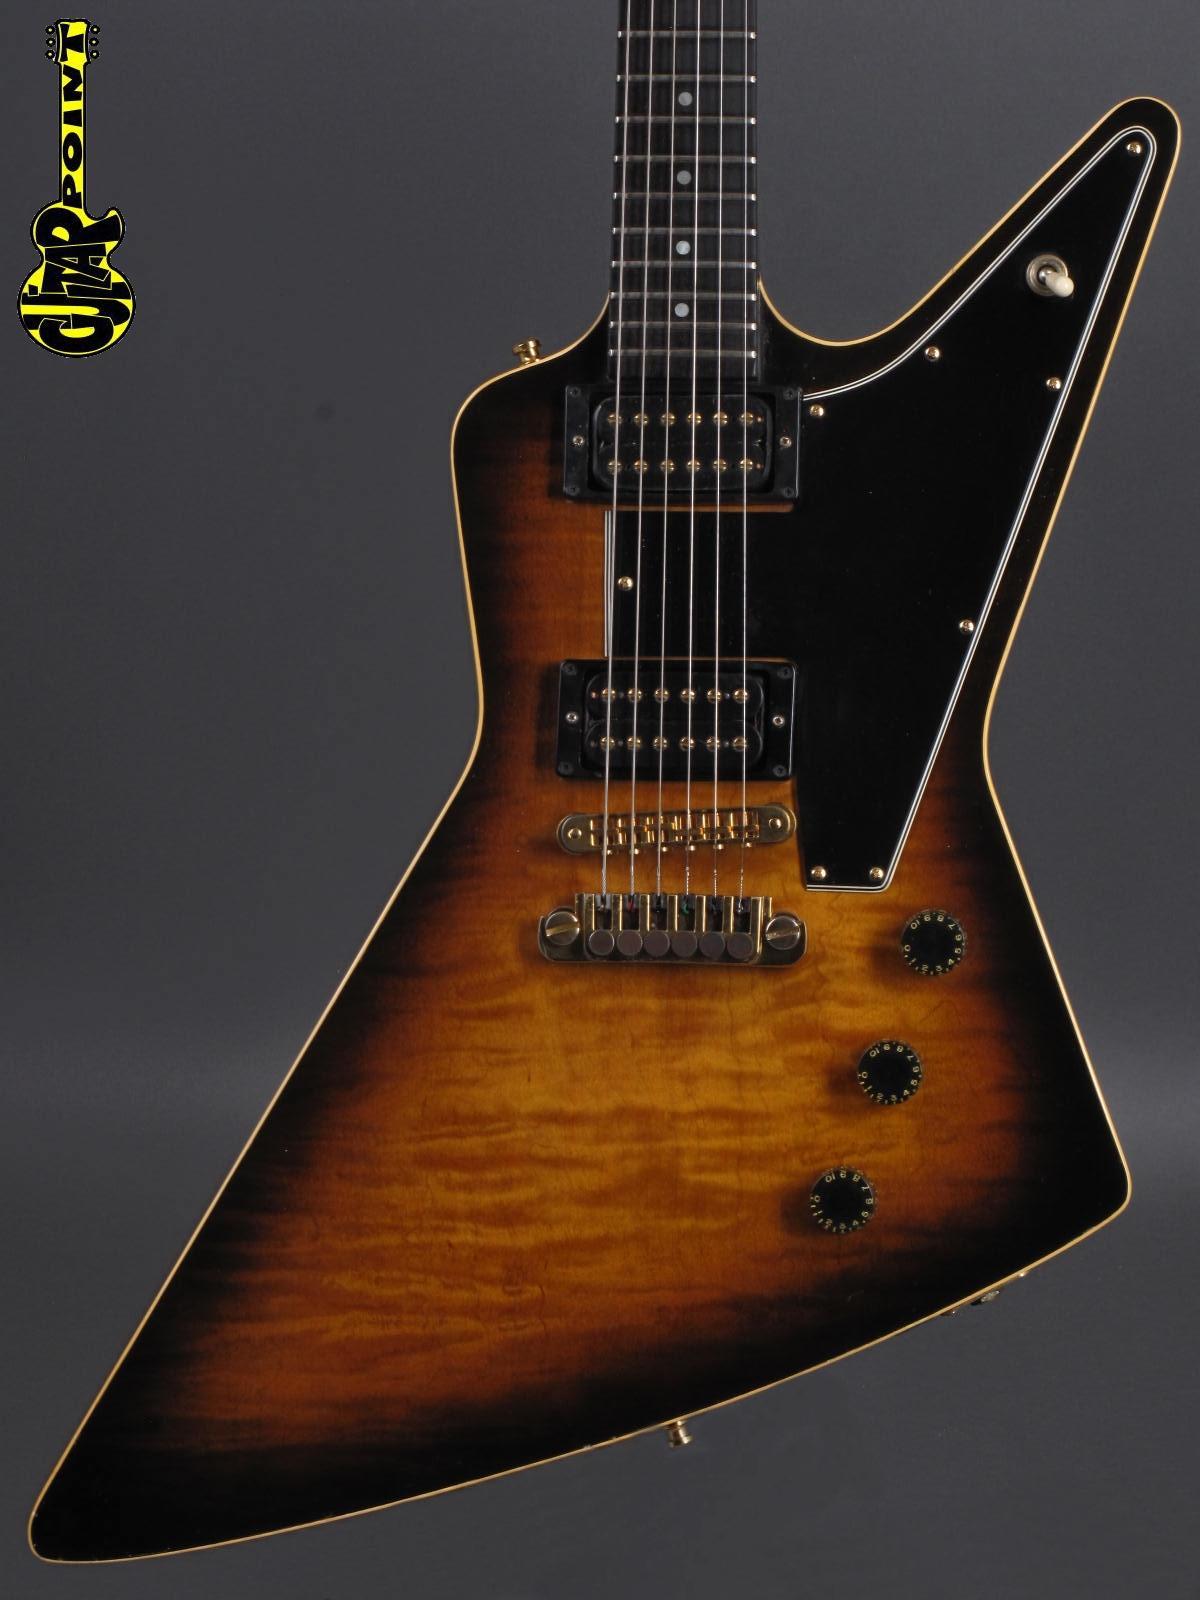 1981 Gibson Explorer E/2 CMT - Sunburst